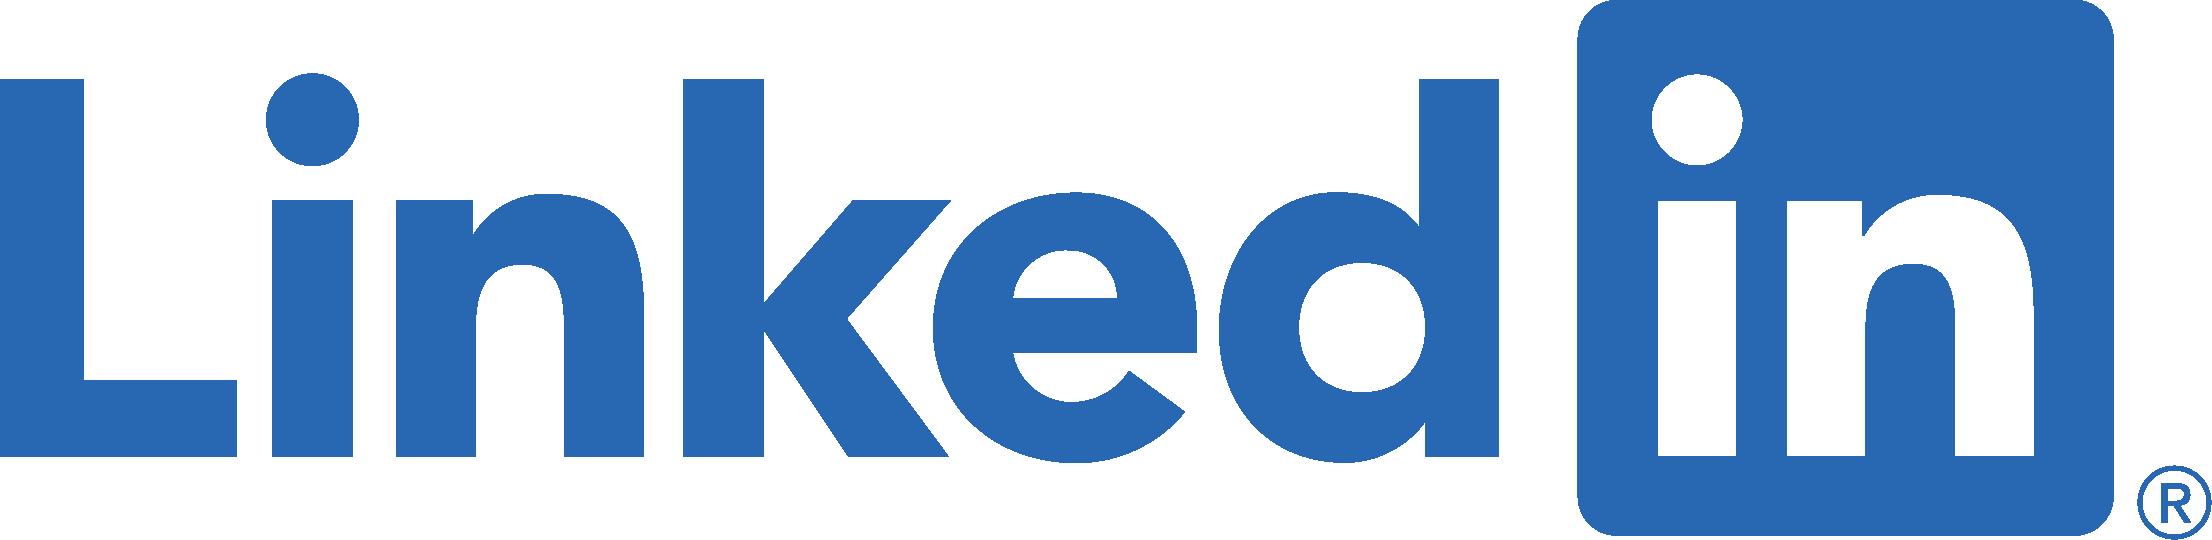 LinkedIn_2019